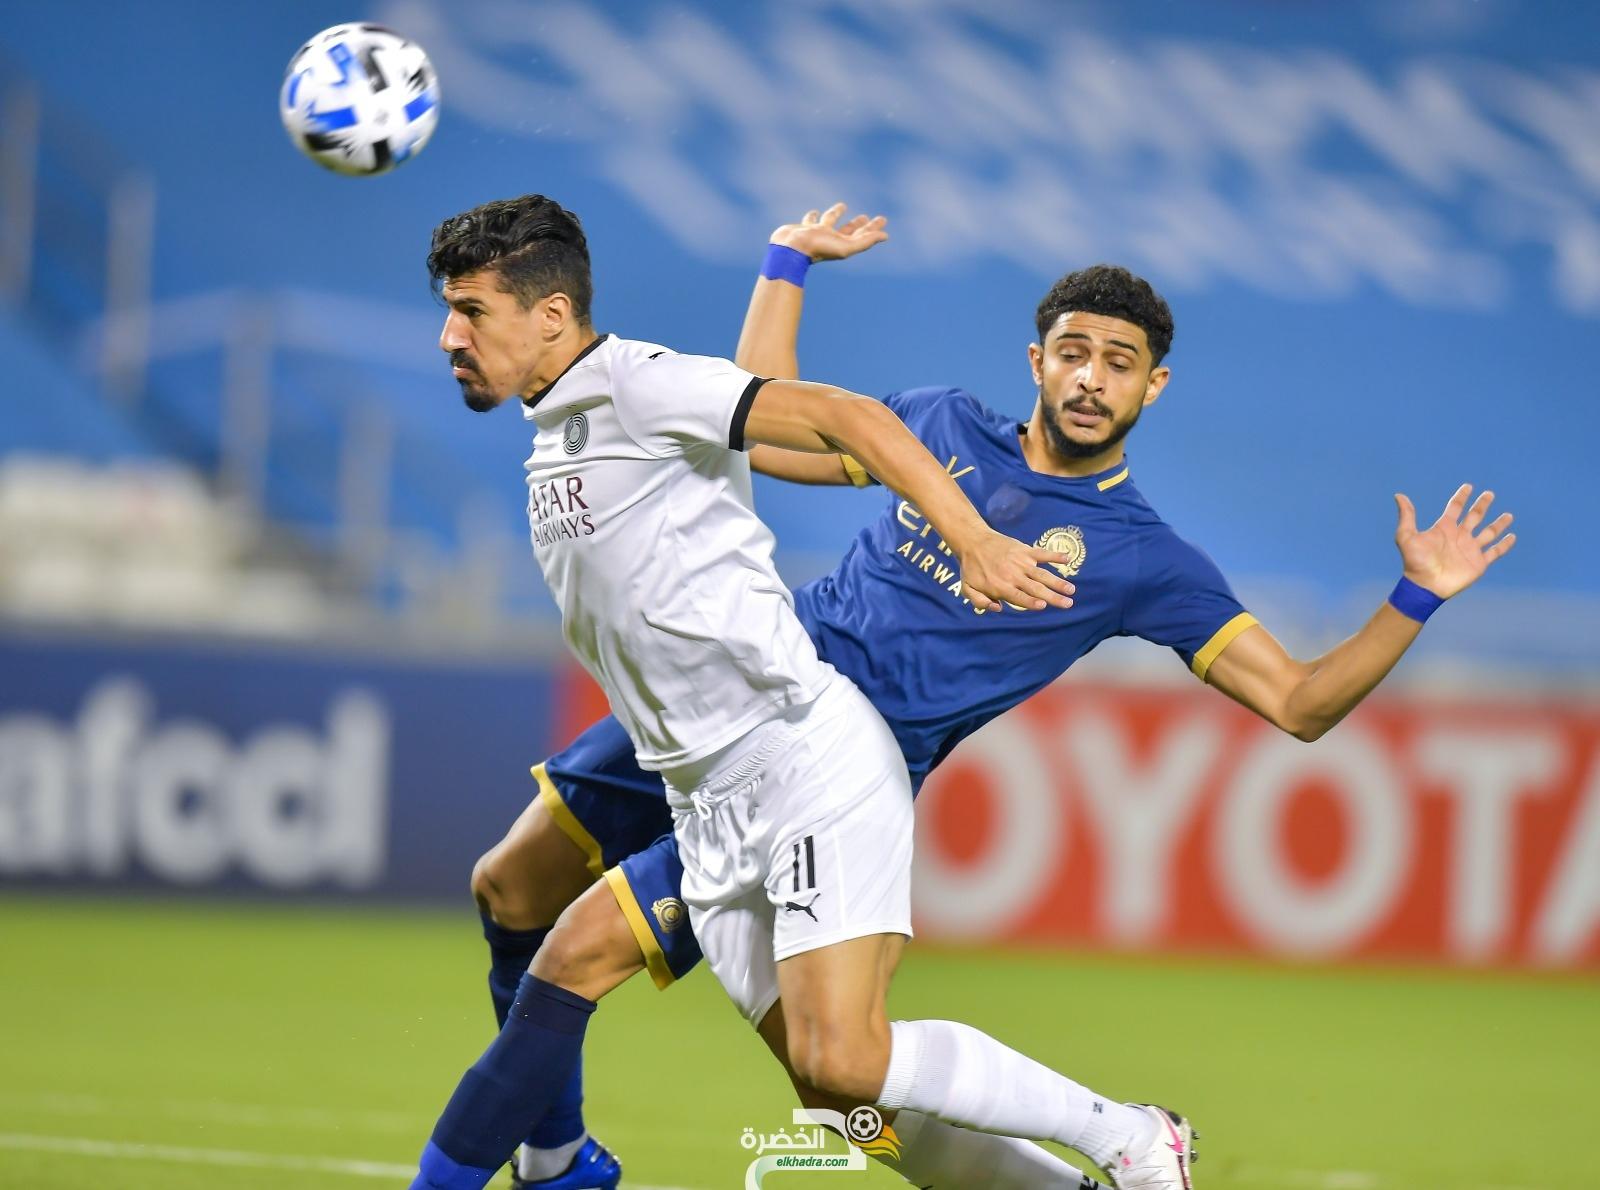 بونجاح هداف ويقود السد لتعادل ثمين امام النصر السعودي 27